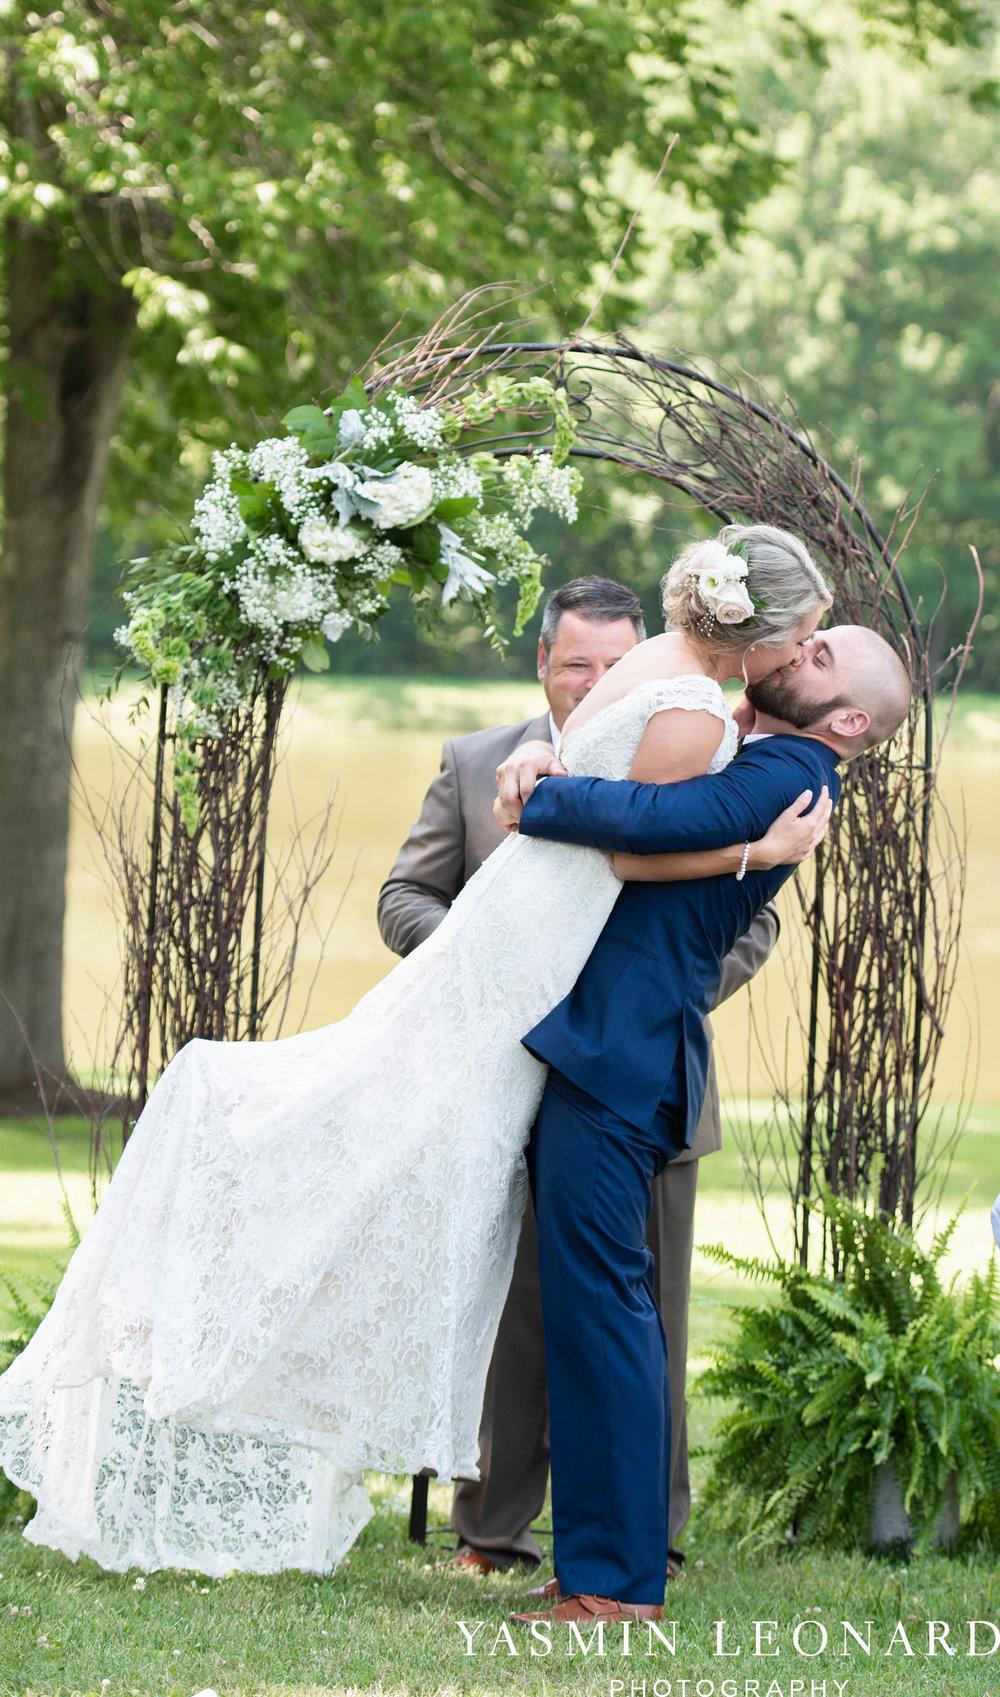 L'abri at Linwood - Yasmin Leonard Photography - NC Wedding Venues - NC Weddings - NC Photographer - High Point Wedding Photographer - Charlotte Wedding Photographer - Pink and Navy Wedding - Pale Pink Wedding - Outdoor Summer Wedding-48.jpg